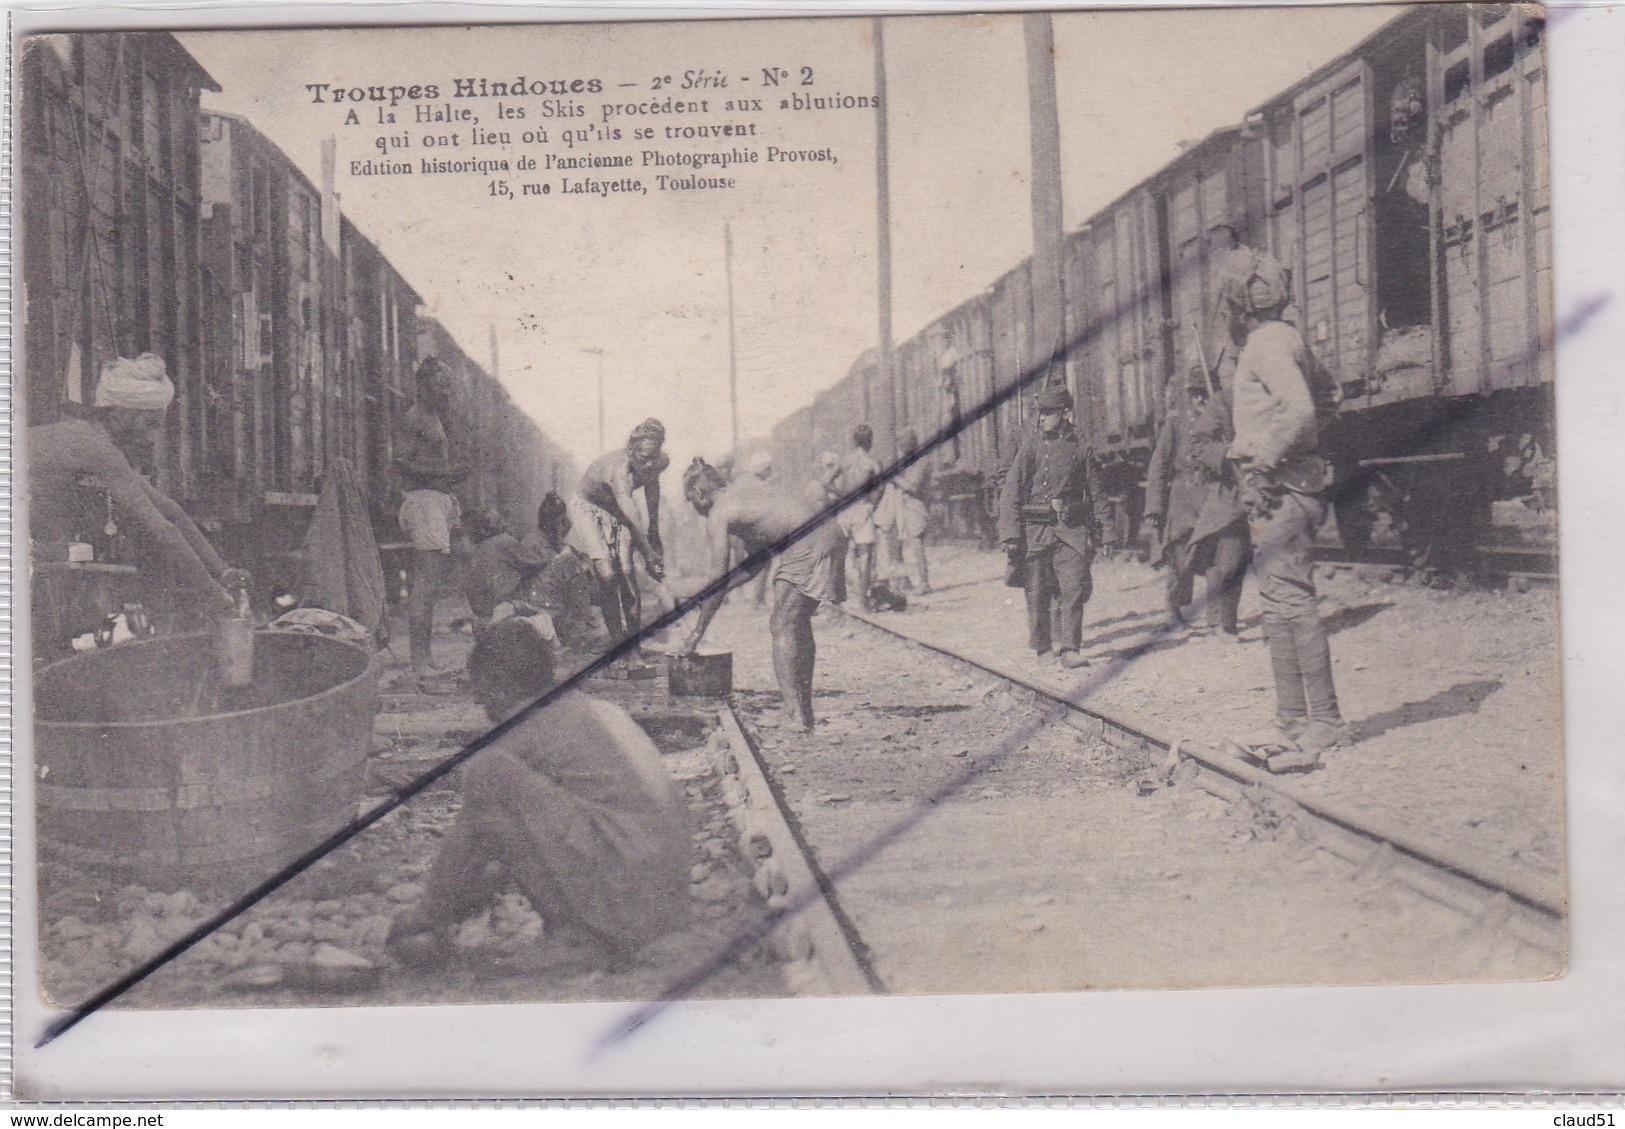 Troupes Hindoues - A La Halte ,les Skis Procédent Aux Ablutions Qui On Lieu Ou Qu'ils Se Trouvent - Guerre 1914-18